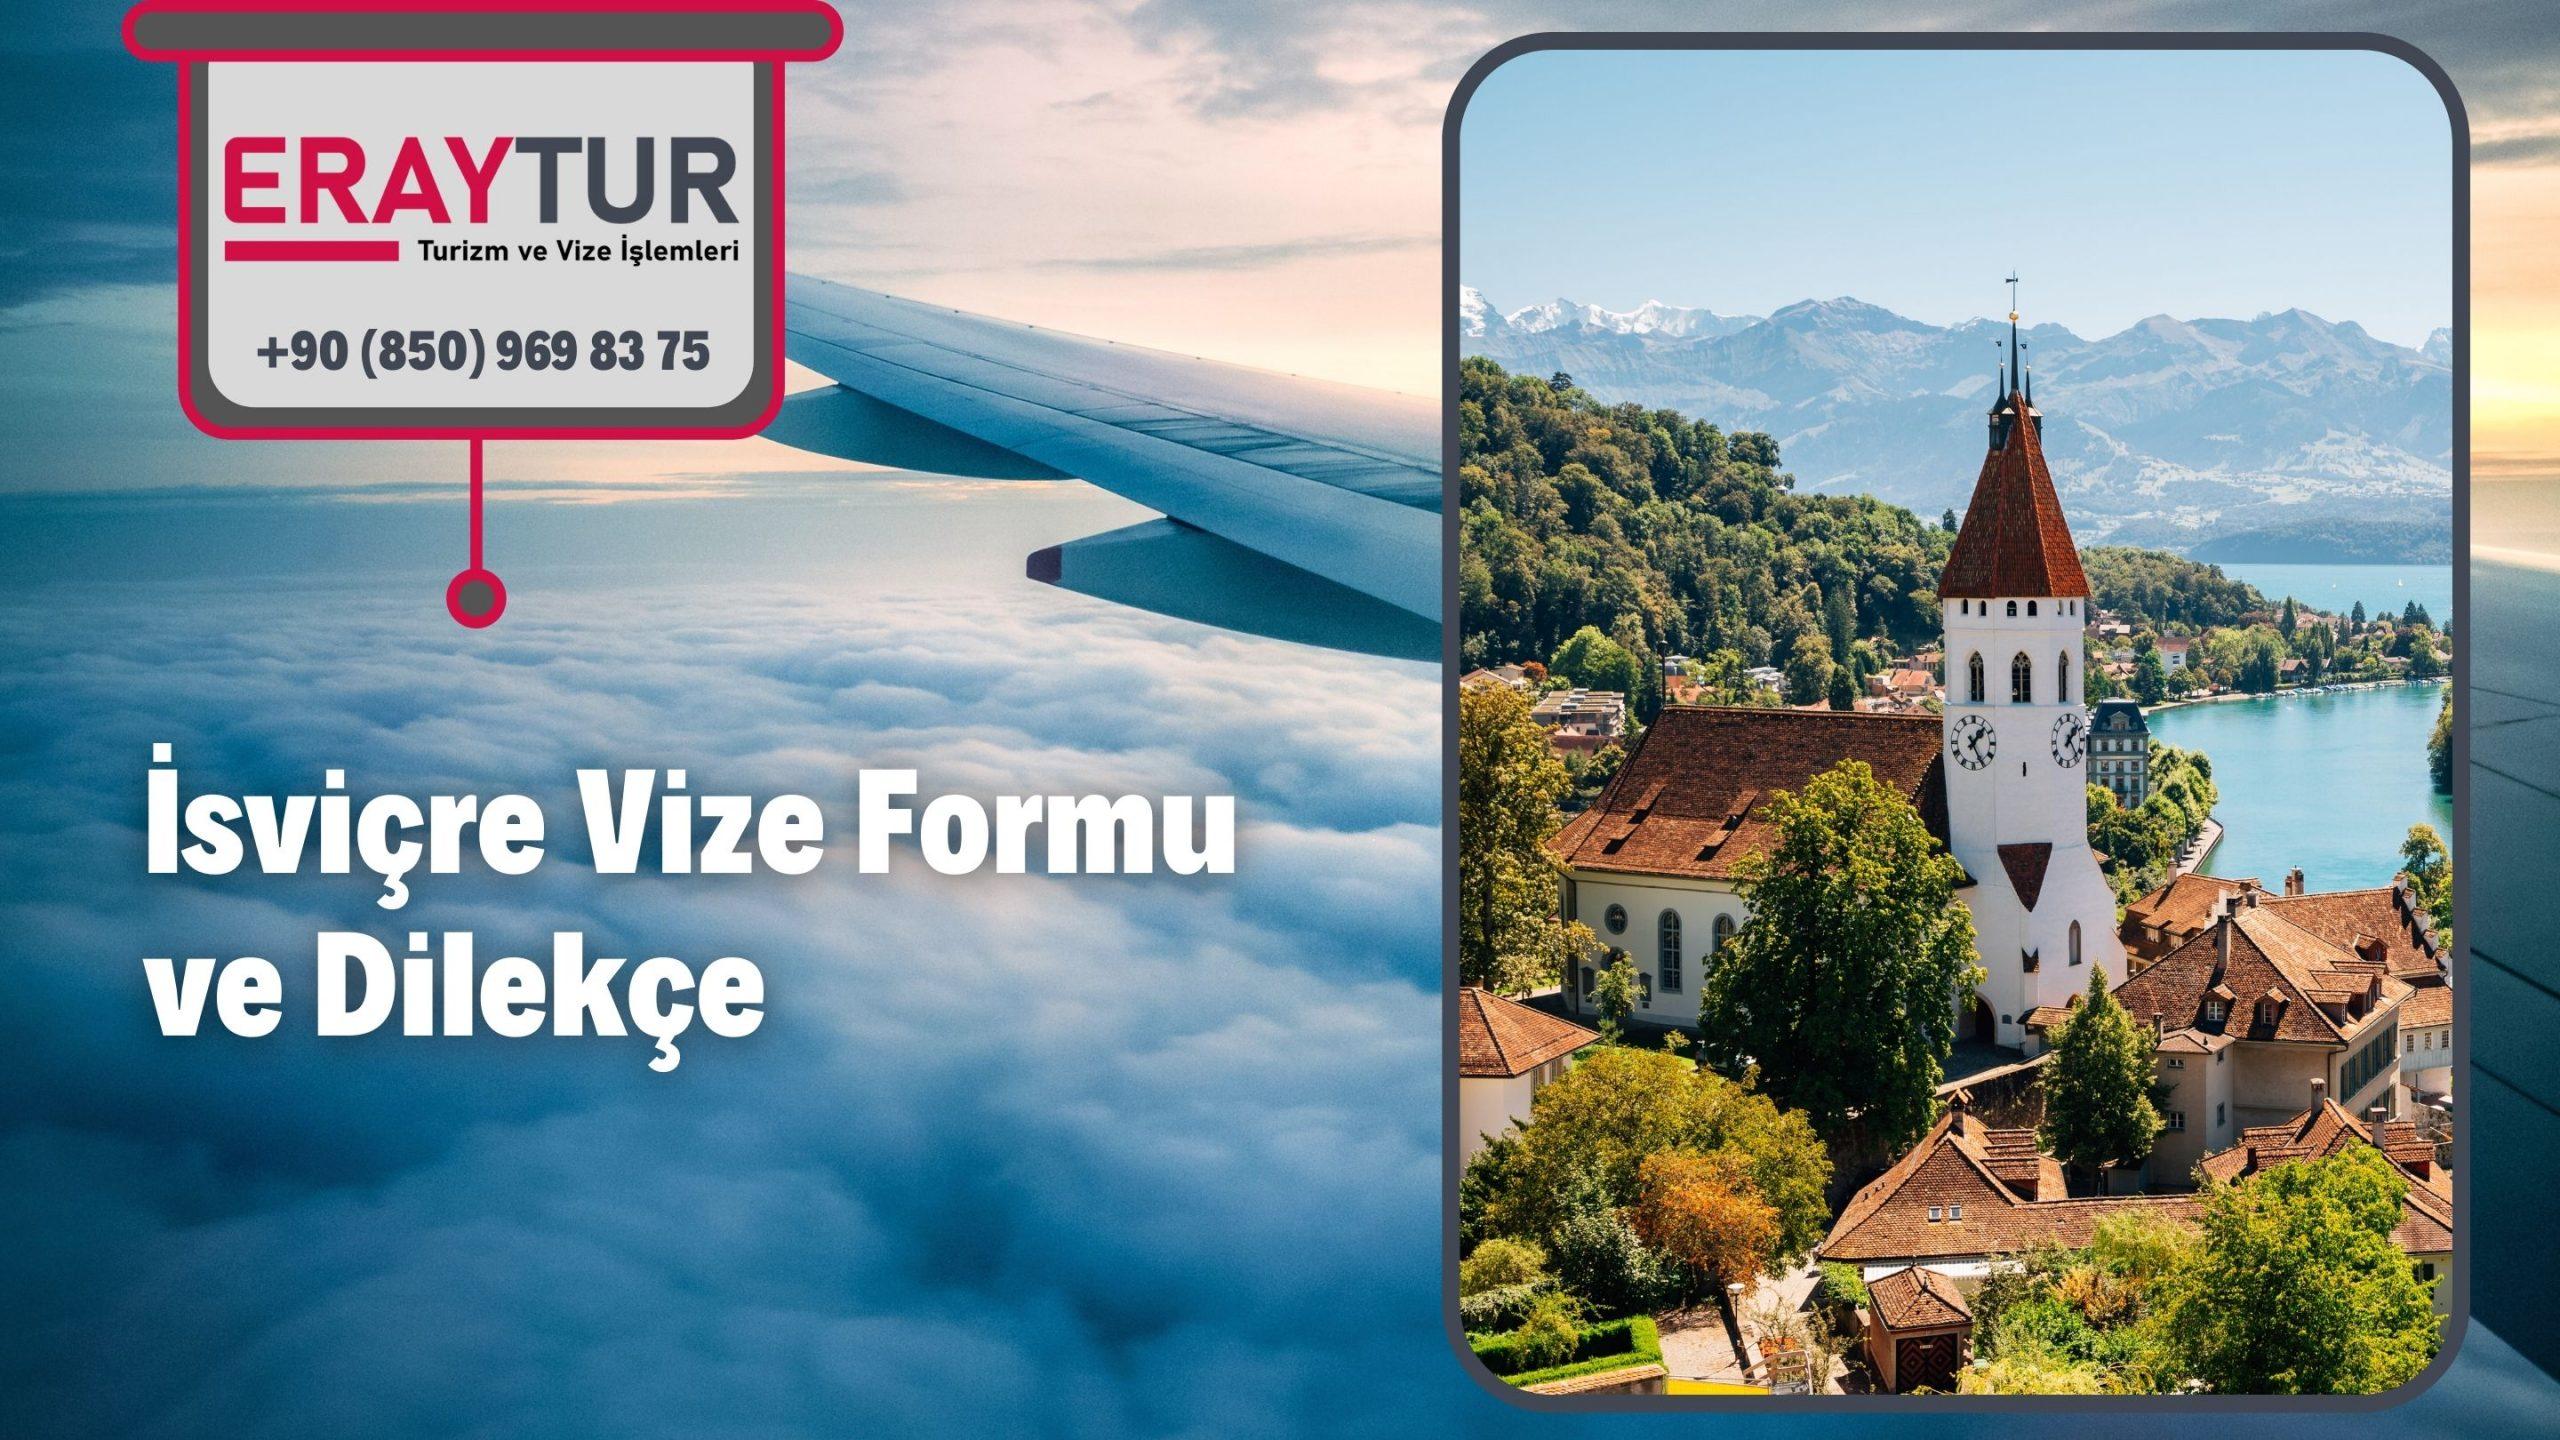 İsviçre Vize Formu ve Dilekçe